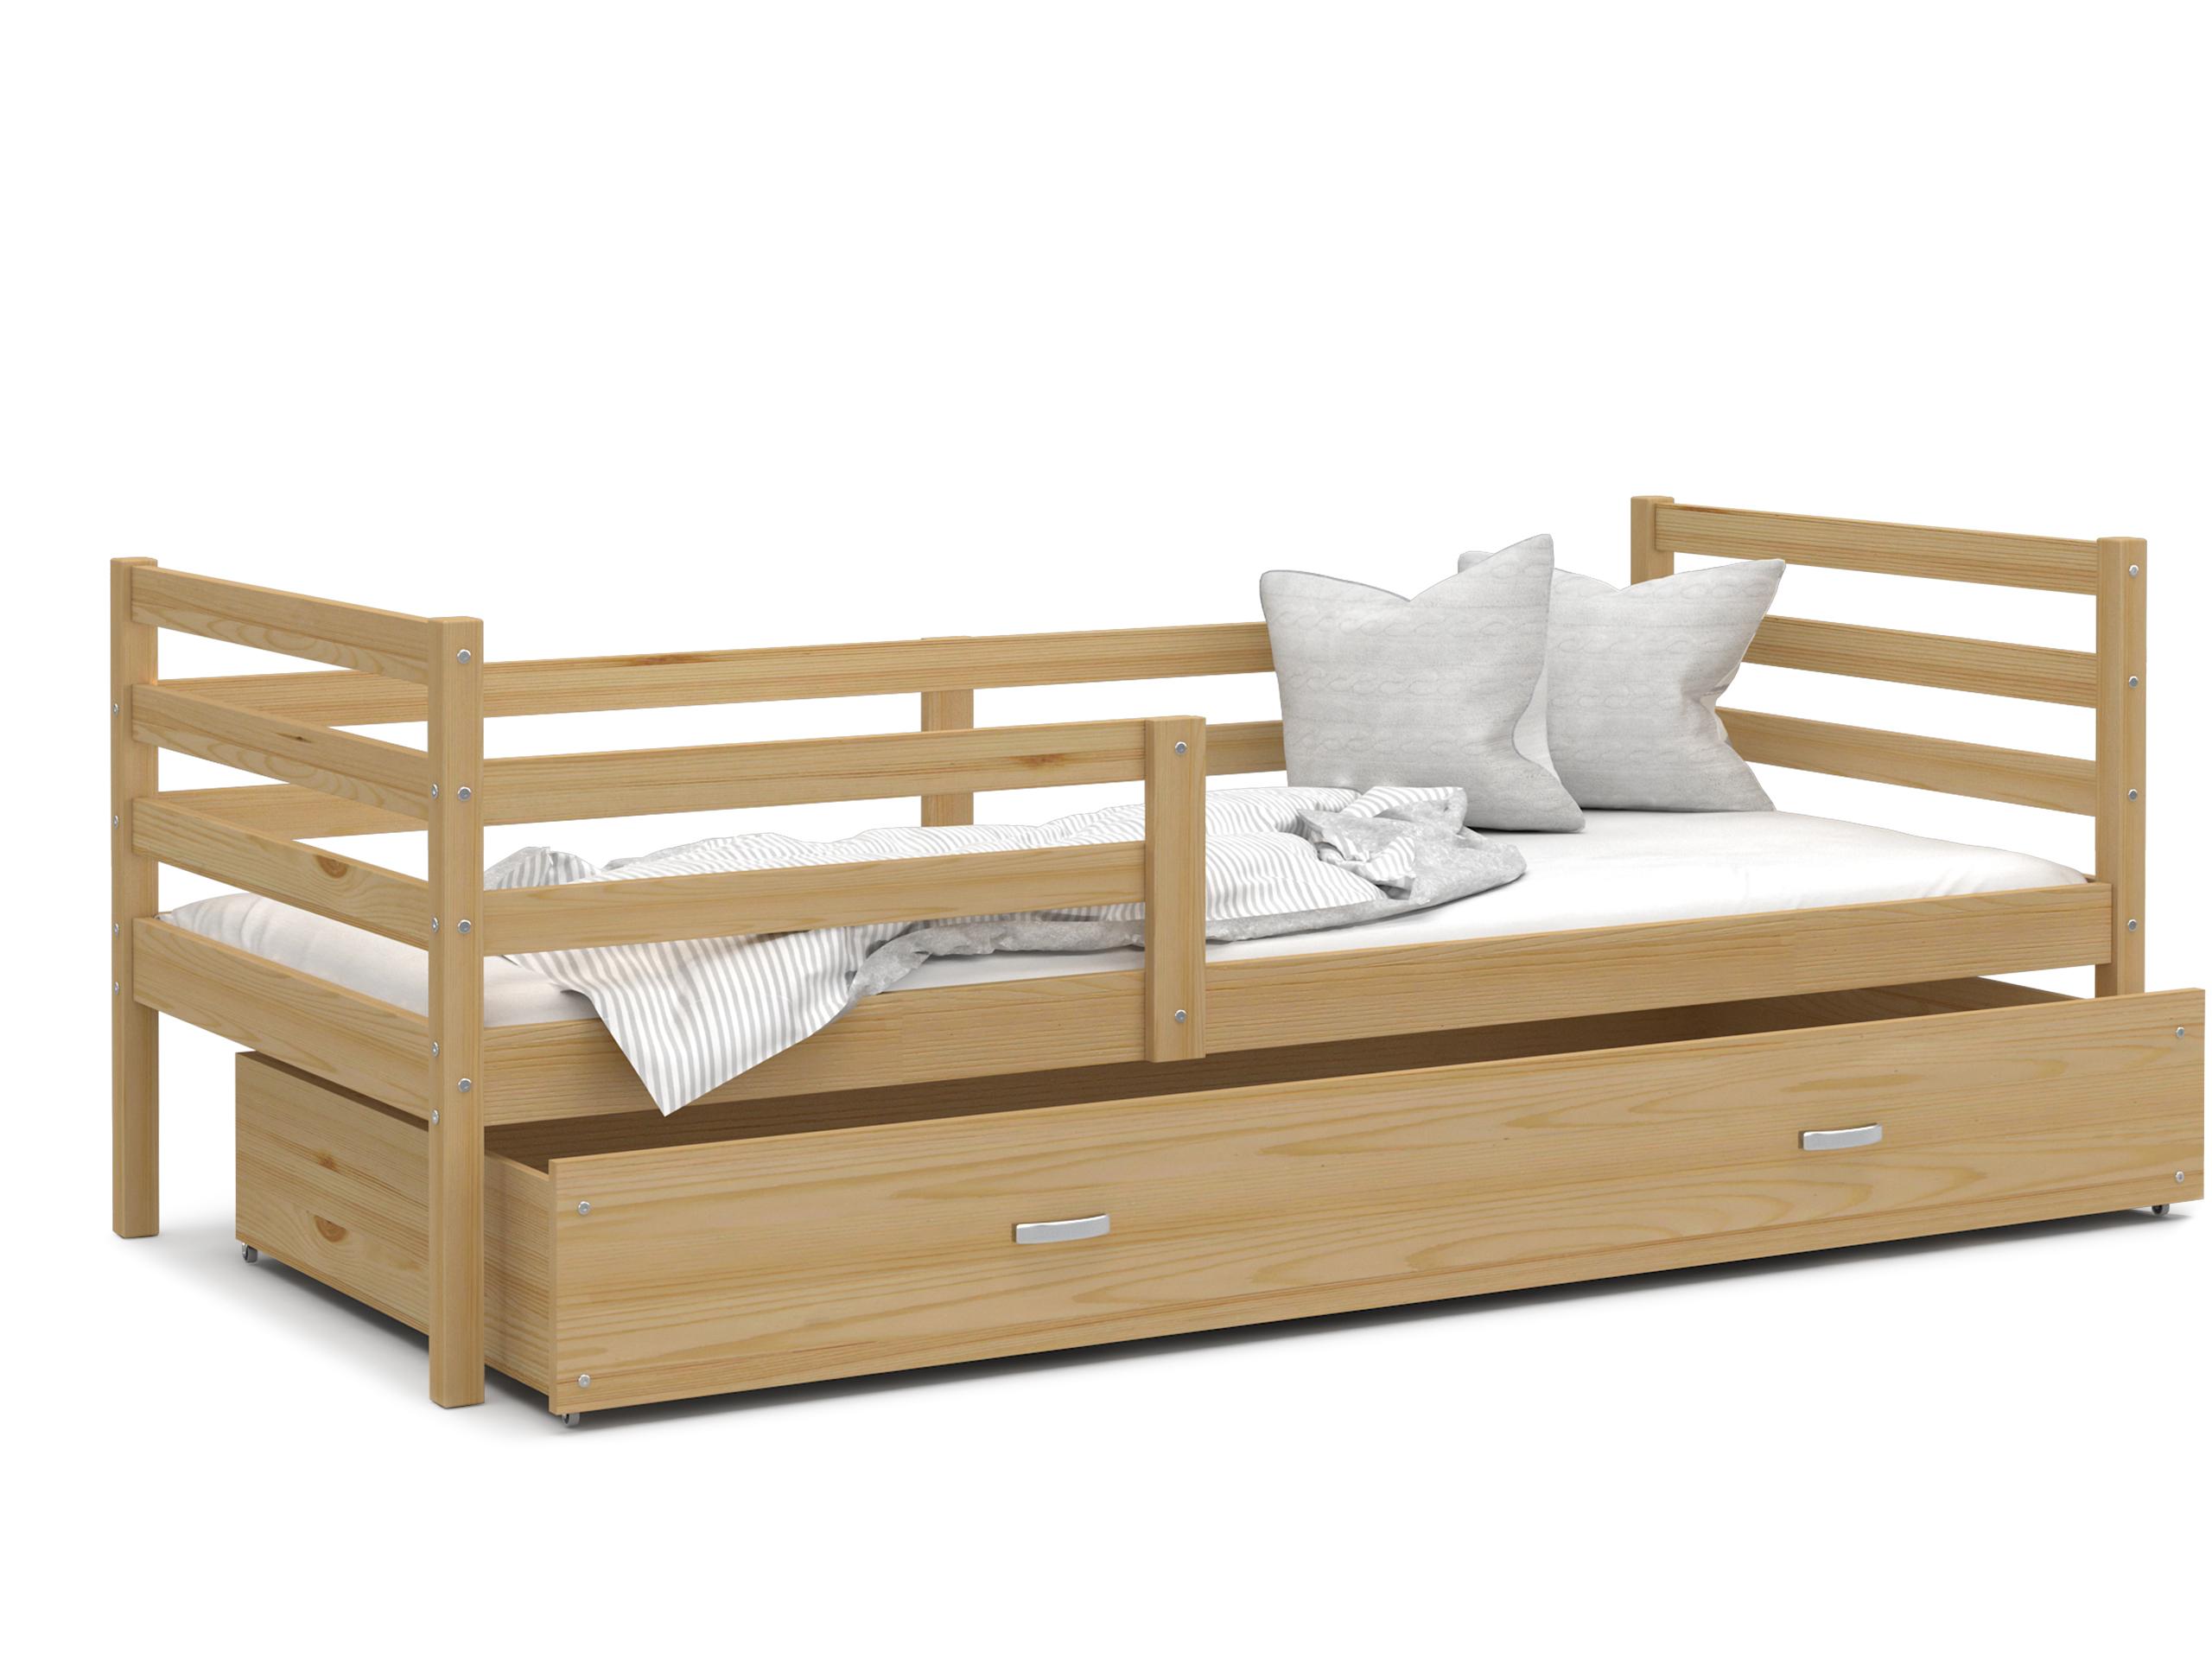 ArtAJ Detská posteľ JACEK P   190 x 80 cm Farba: Borovica, Prevedenie: bez matraca, Rozmer, materiál: drevo